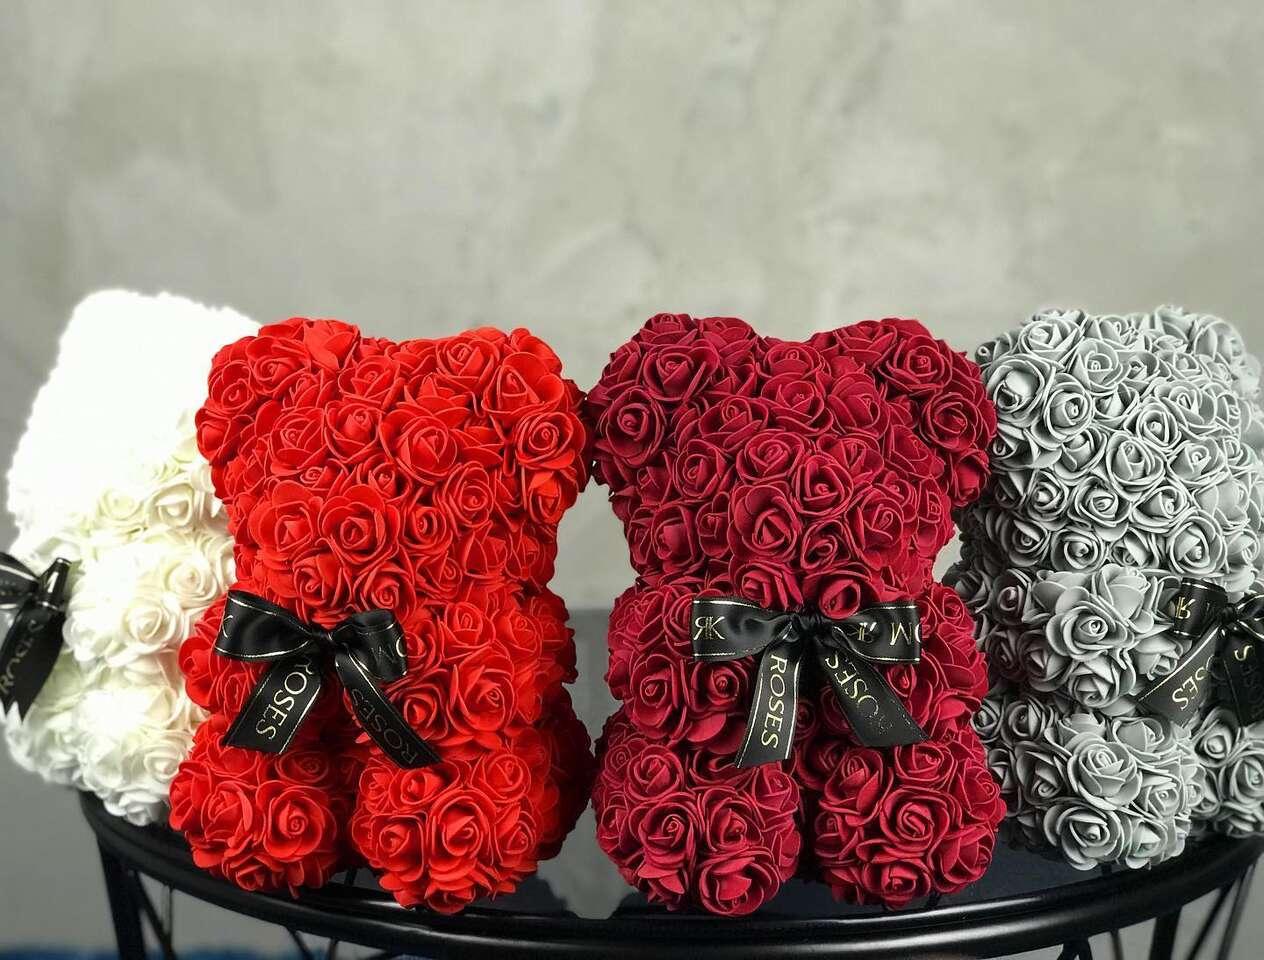 Luxusné boxy z tých najkrajších živých ruží, ktoré vydržia ...